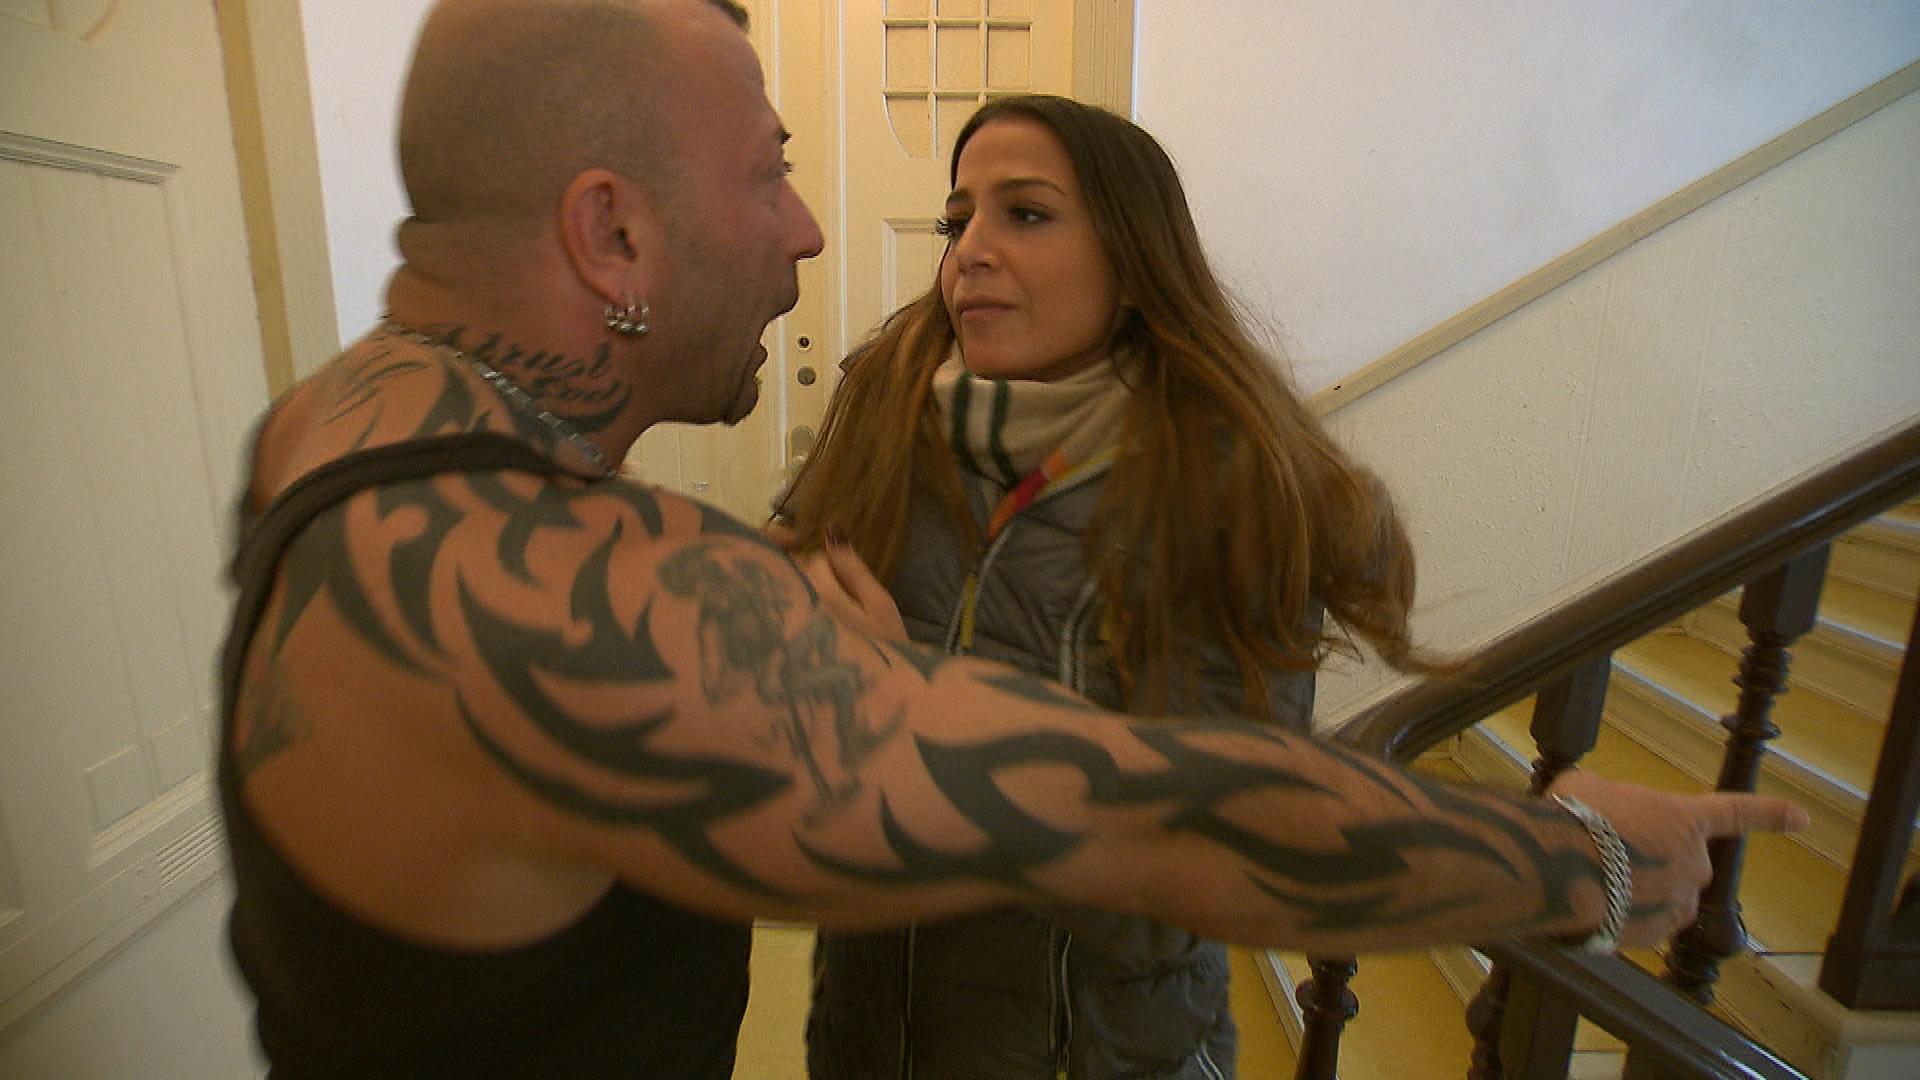 Alessia kehrt gestärkt aus dem Wochenende zurück und will um Fabrizio kämpfen. Doch ihr Auftauchen provoziert ihn so sehr, dass er Alessia grob vor die Tür setzt. (Quelle: RTL 2)